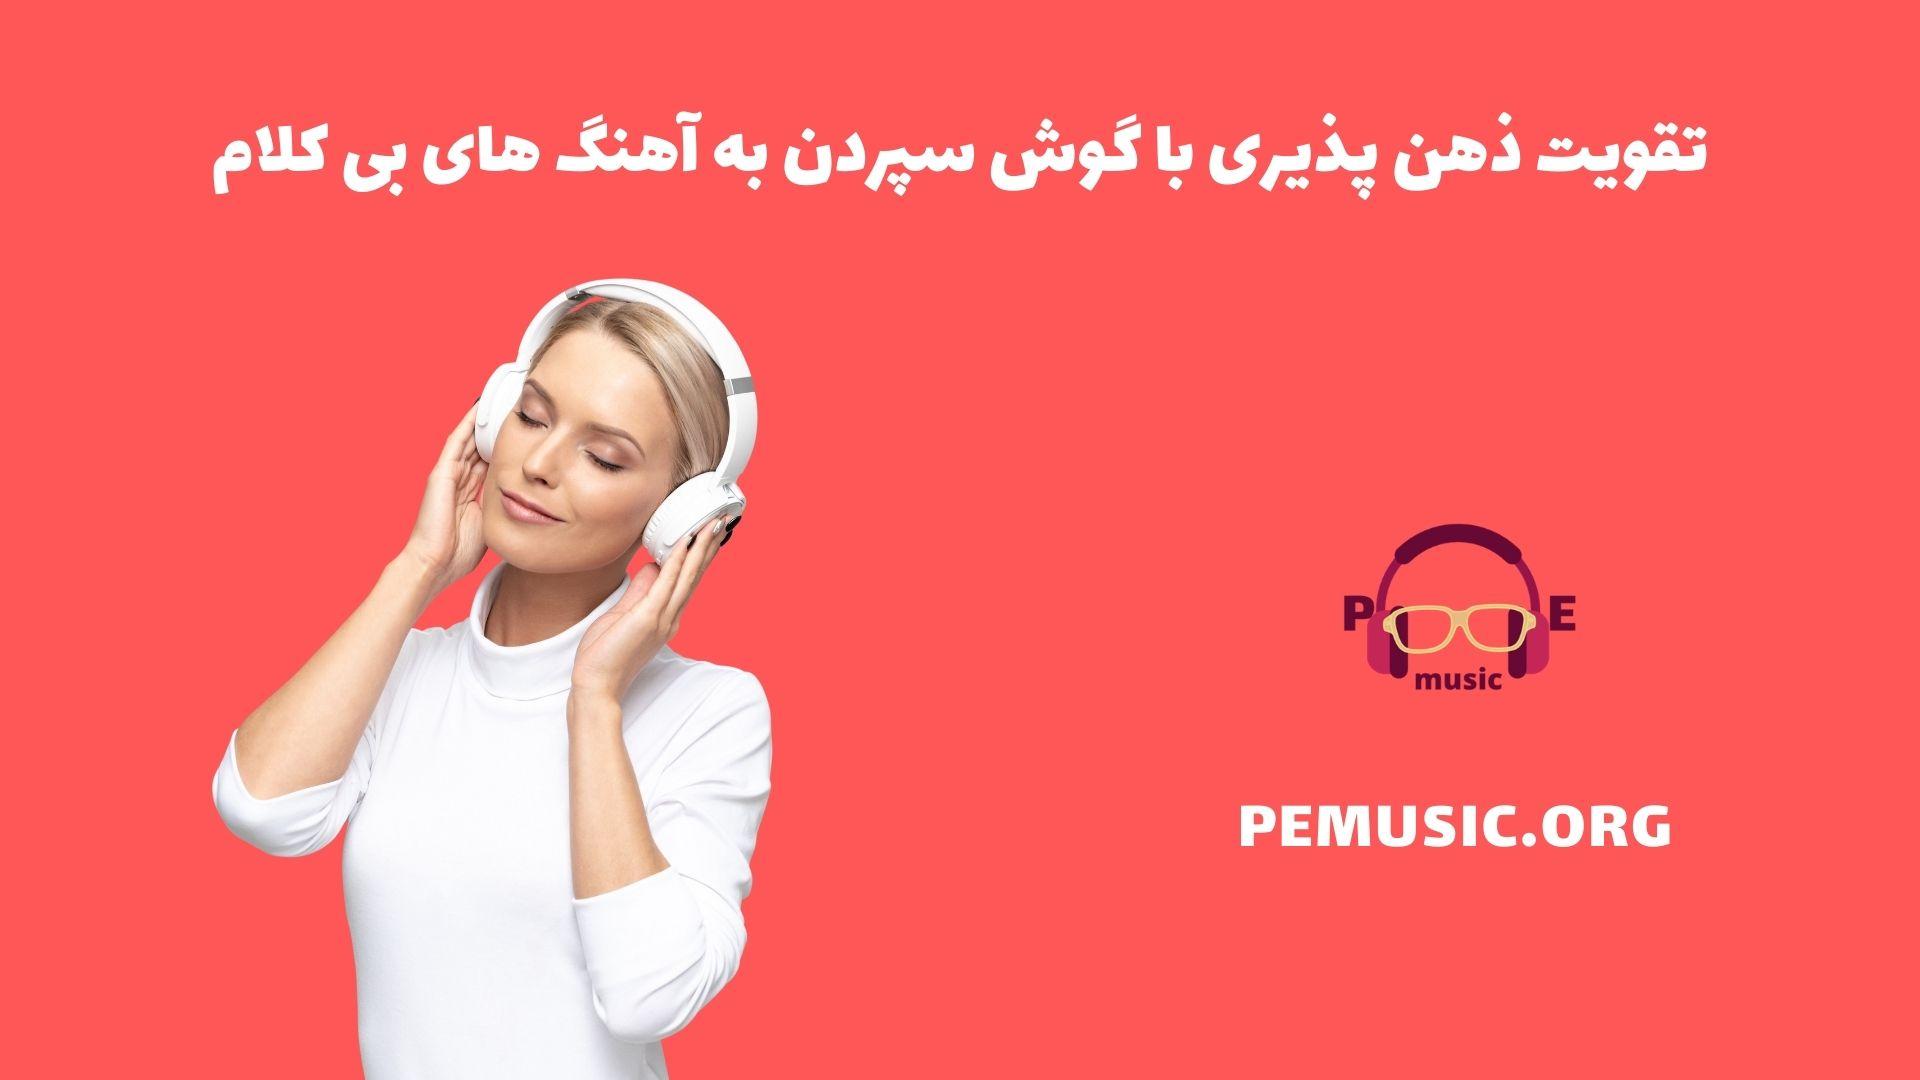 تقویت ذهن پذیری با گوش سپردن به آهنگ های بی کلام